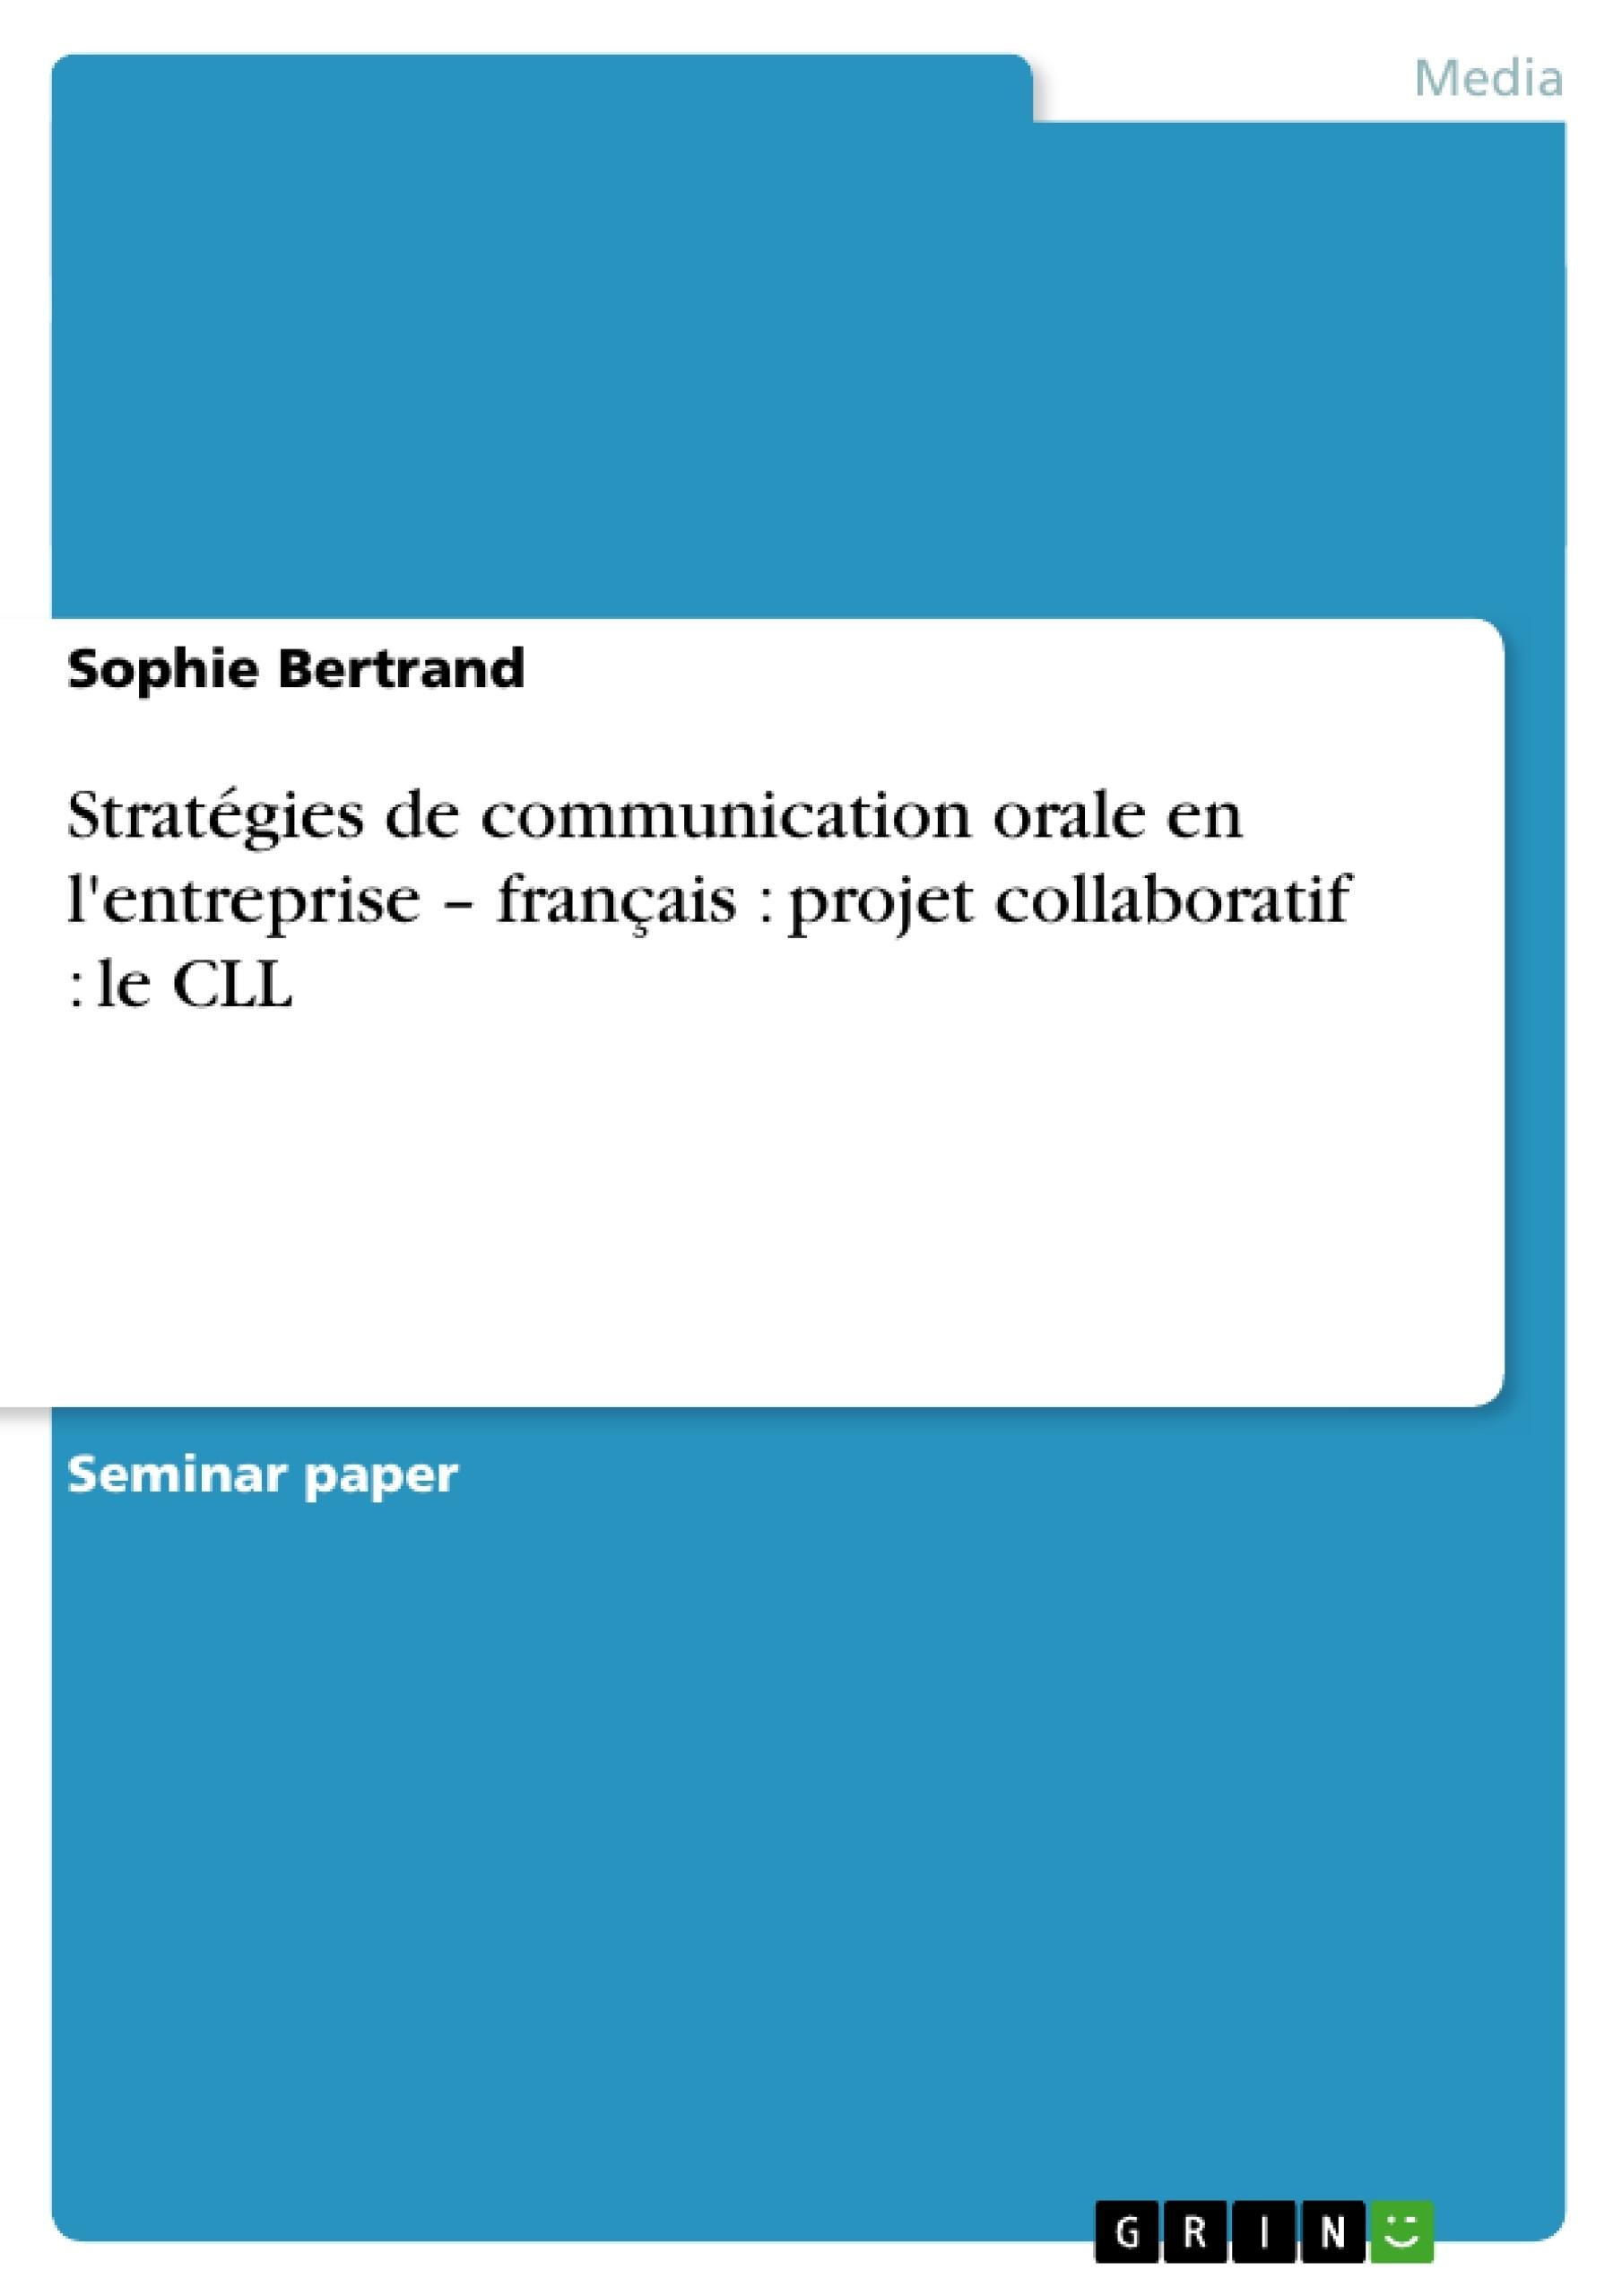 Titre: Stratégies de communication orale en l'entreprise – français : projet collaboratif : le CLL